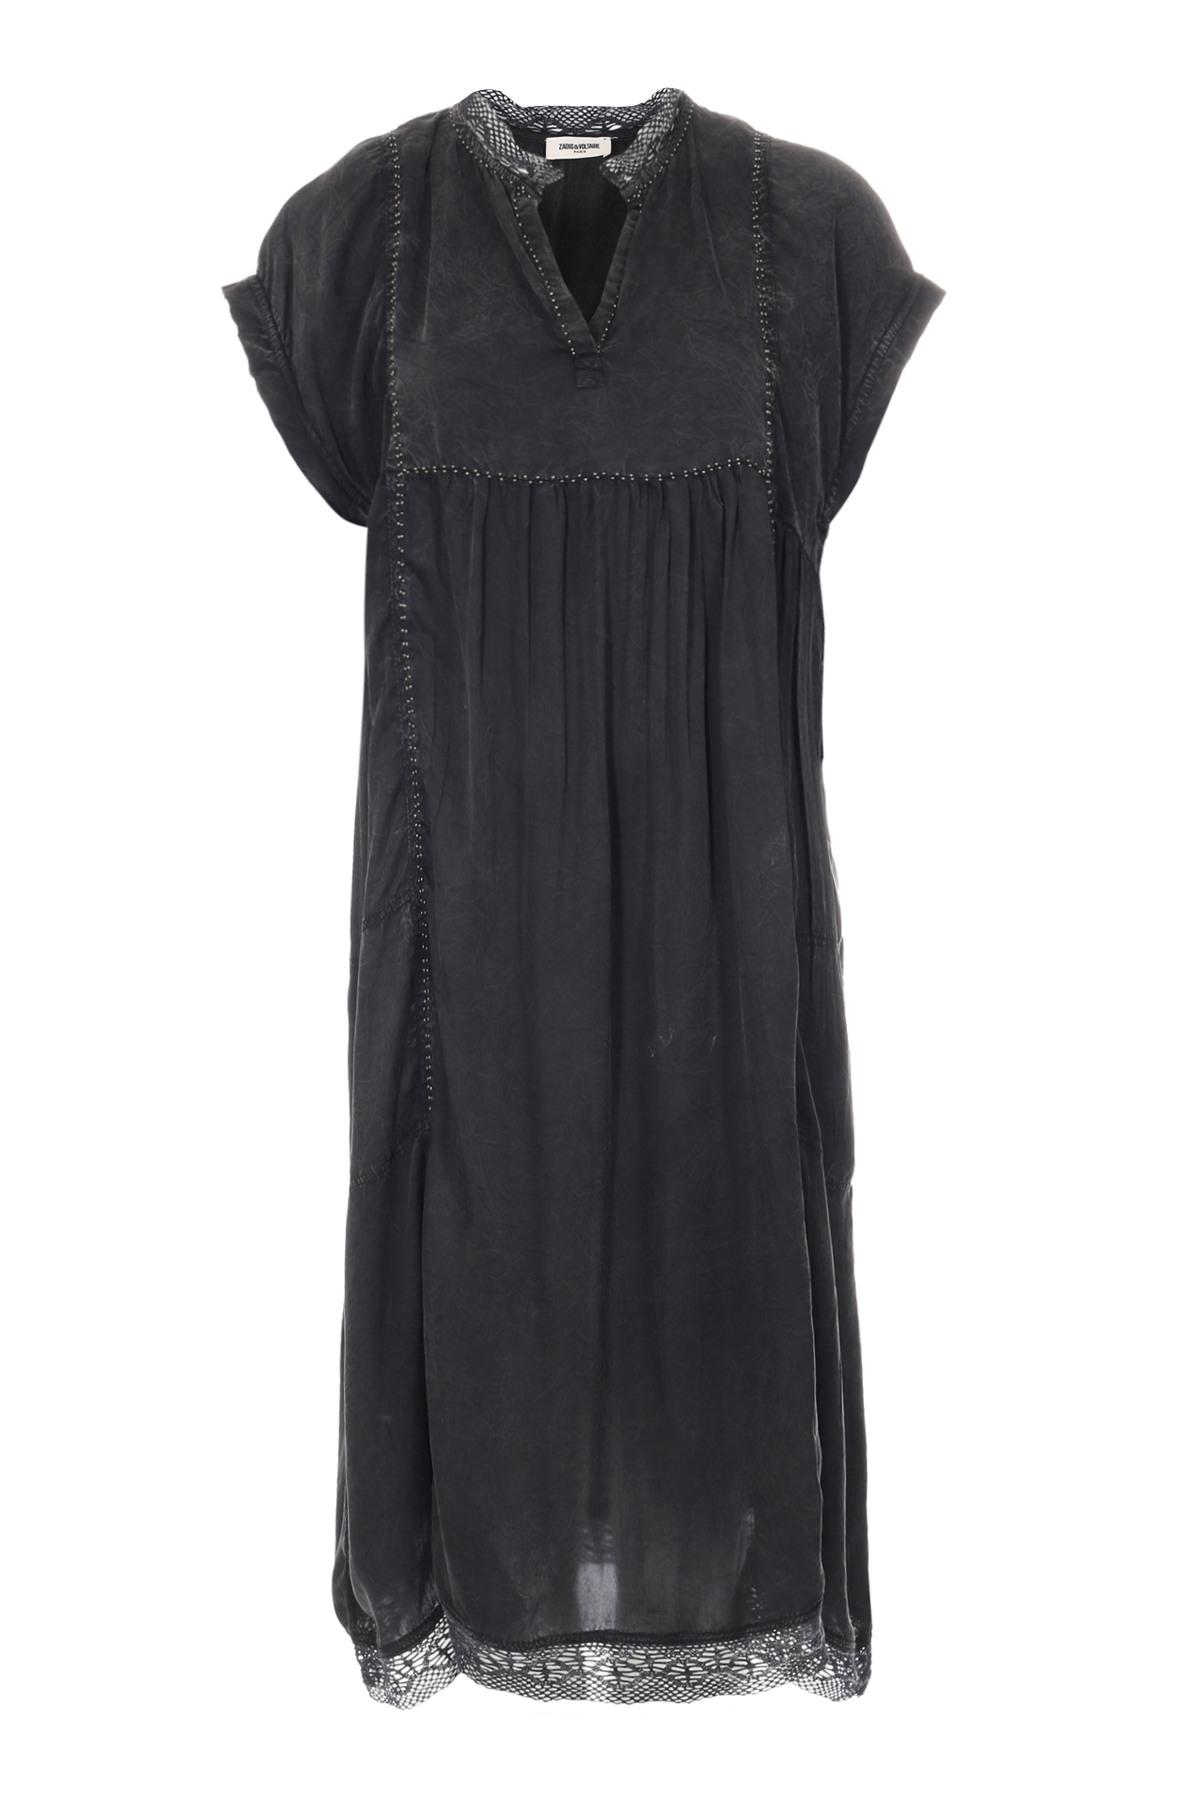 Erstaunlich Kleid Mittellang StylishFormal Spektakulär Kleid Mittellang für 2019